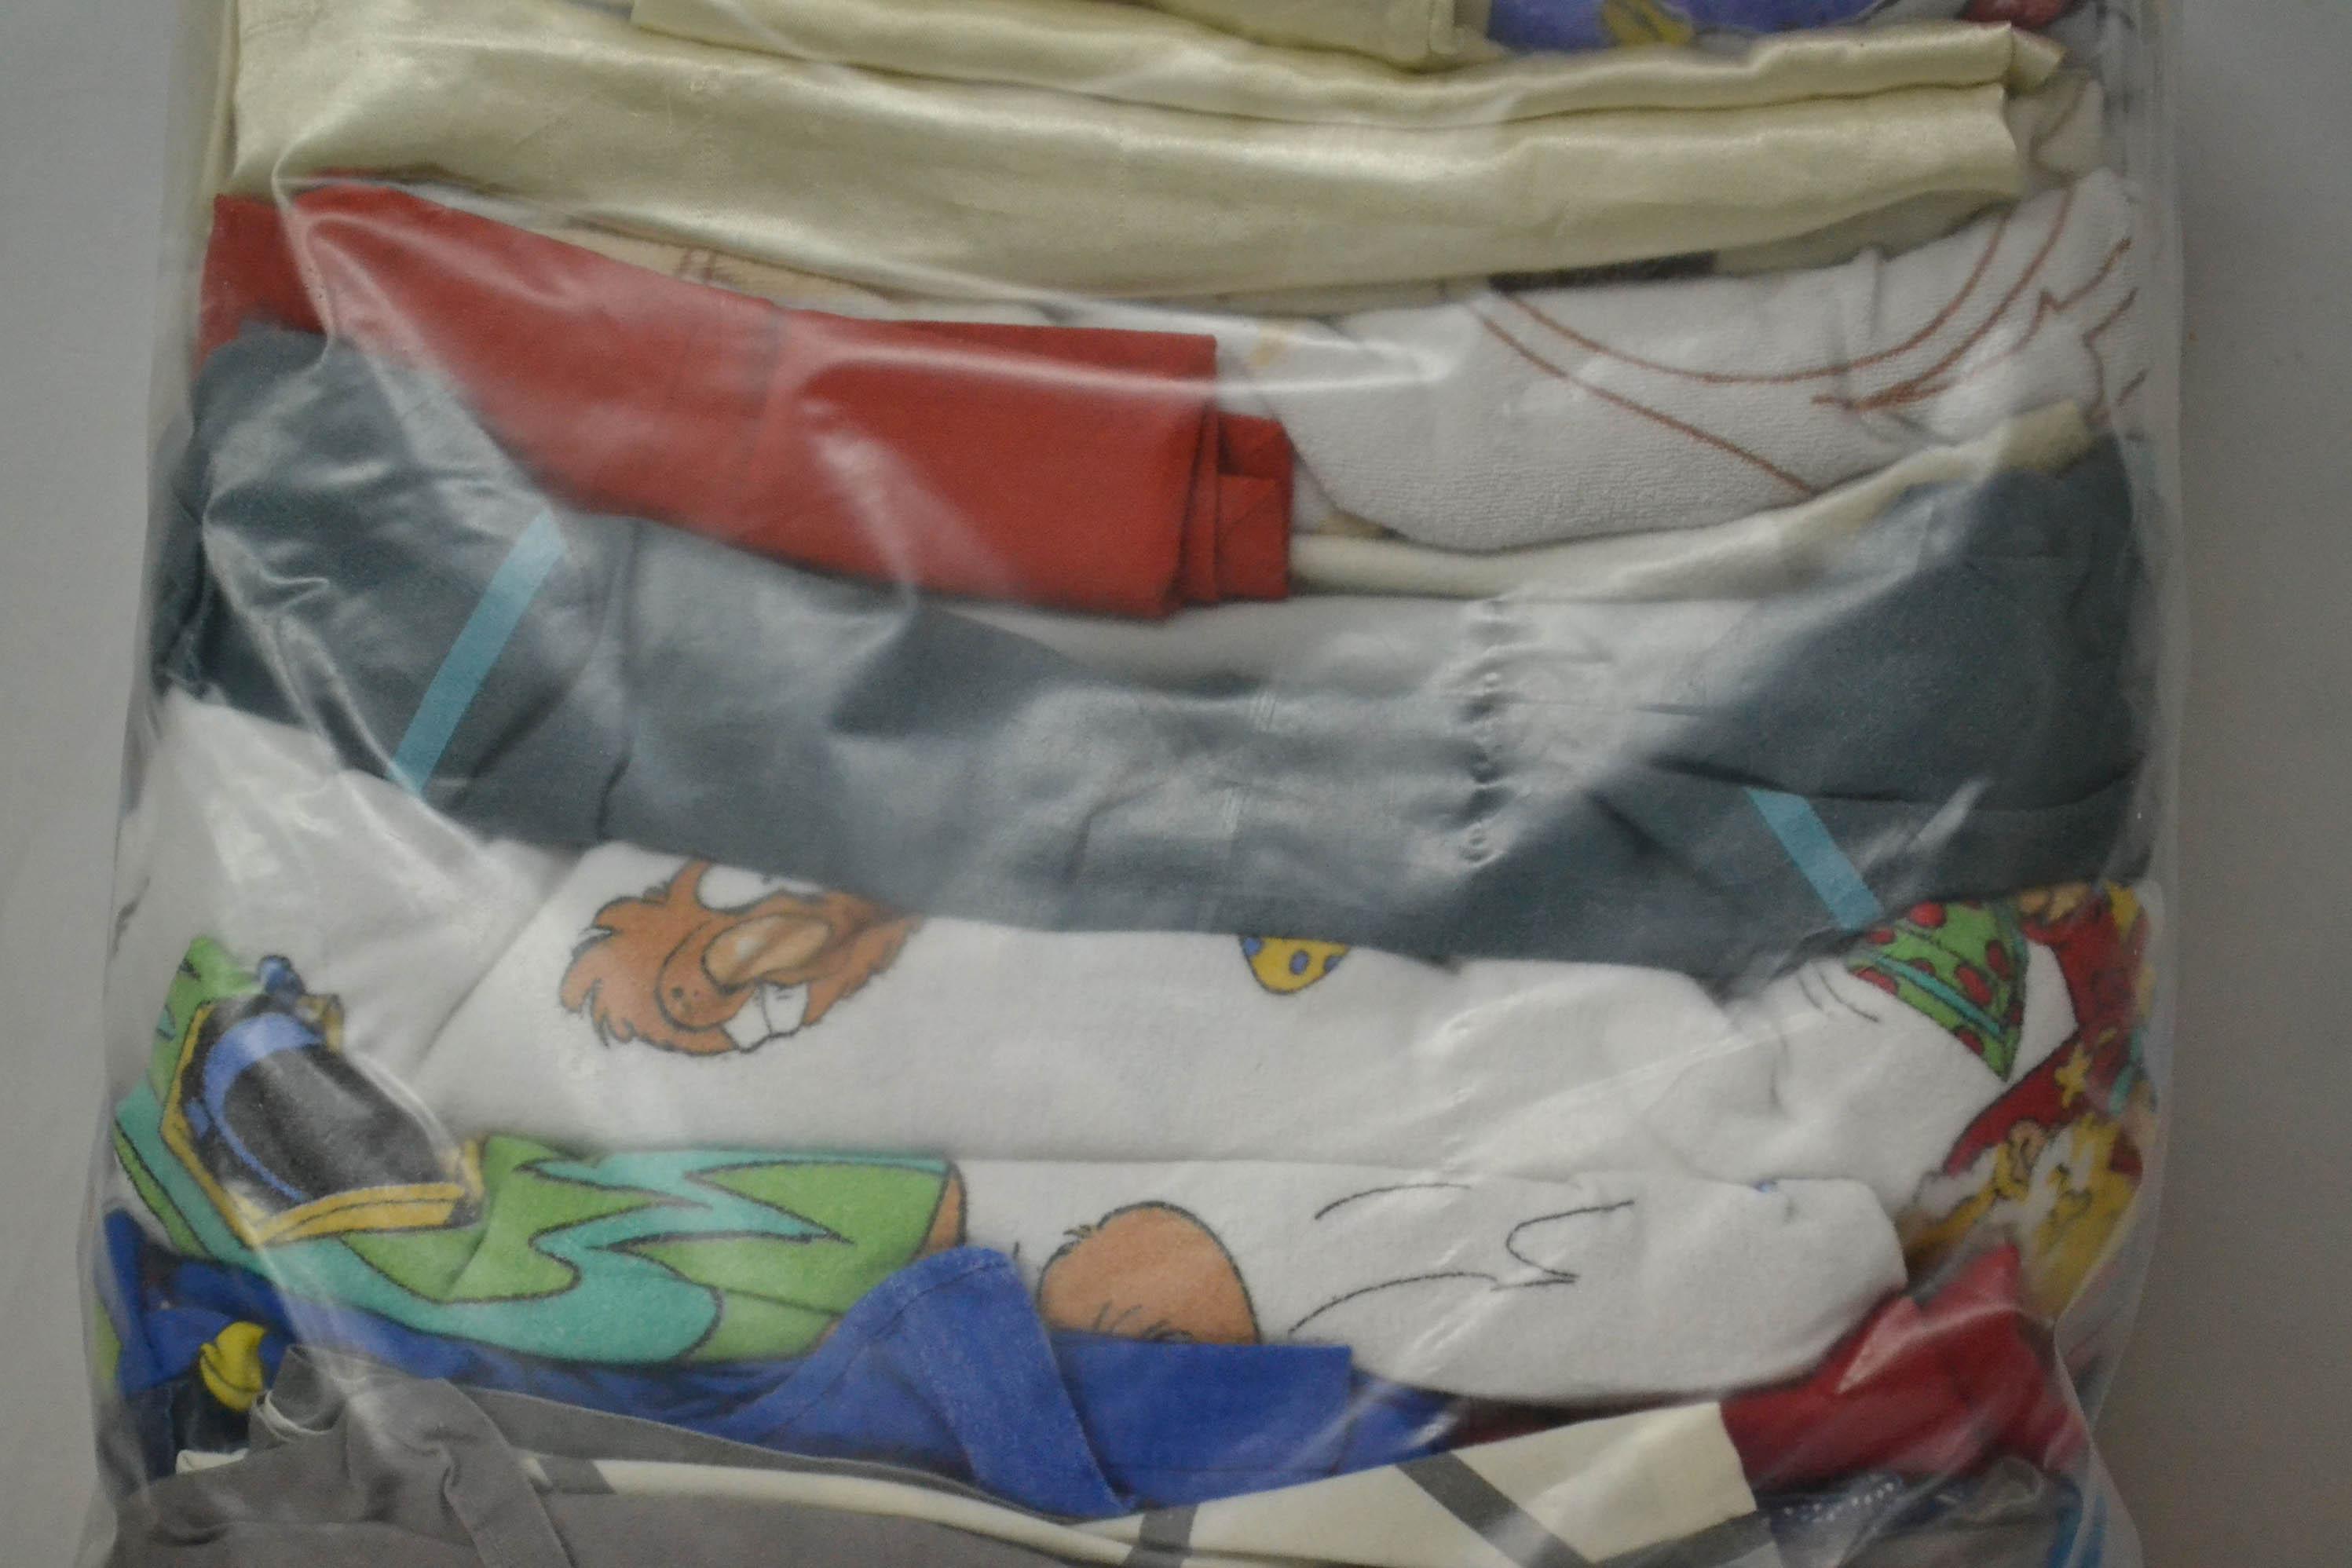 BYT0900 Смесь бытового текстиля; код мешка 12273773